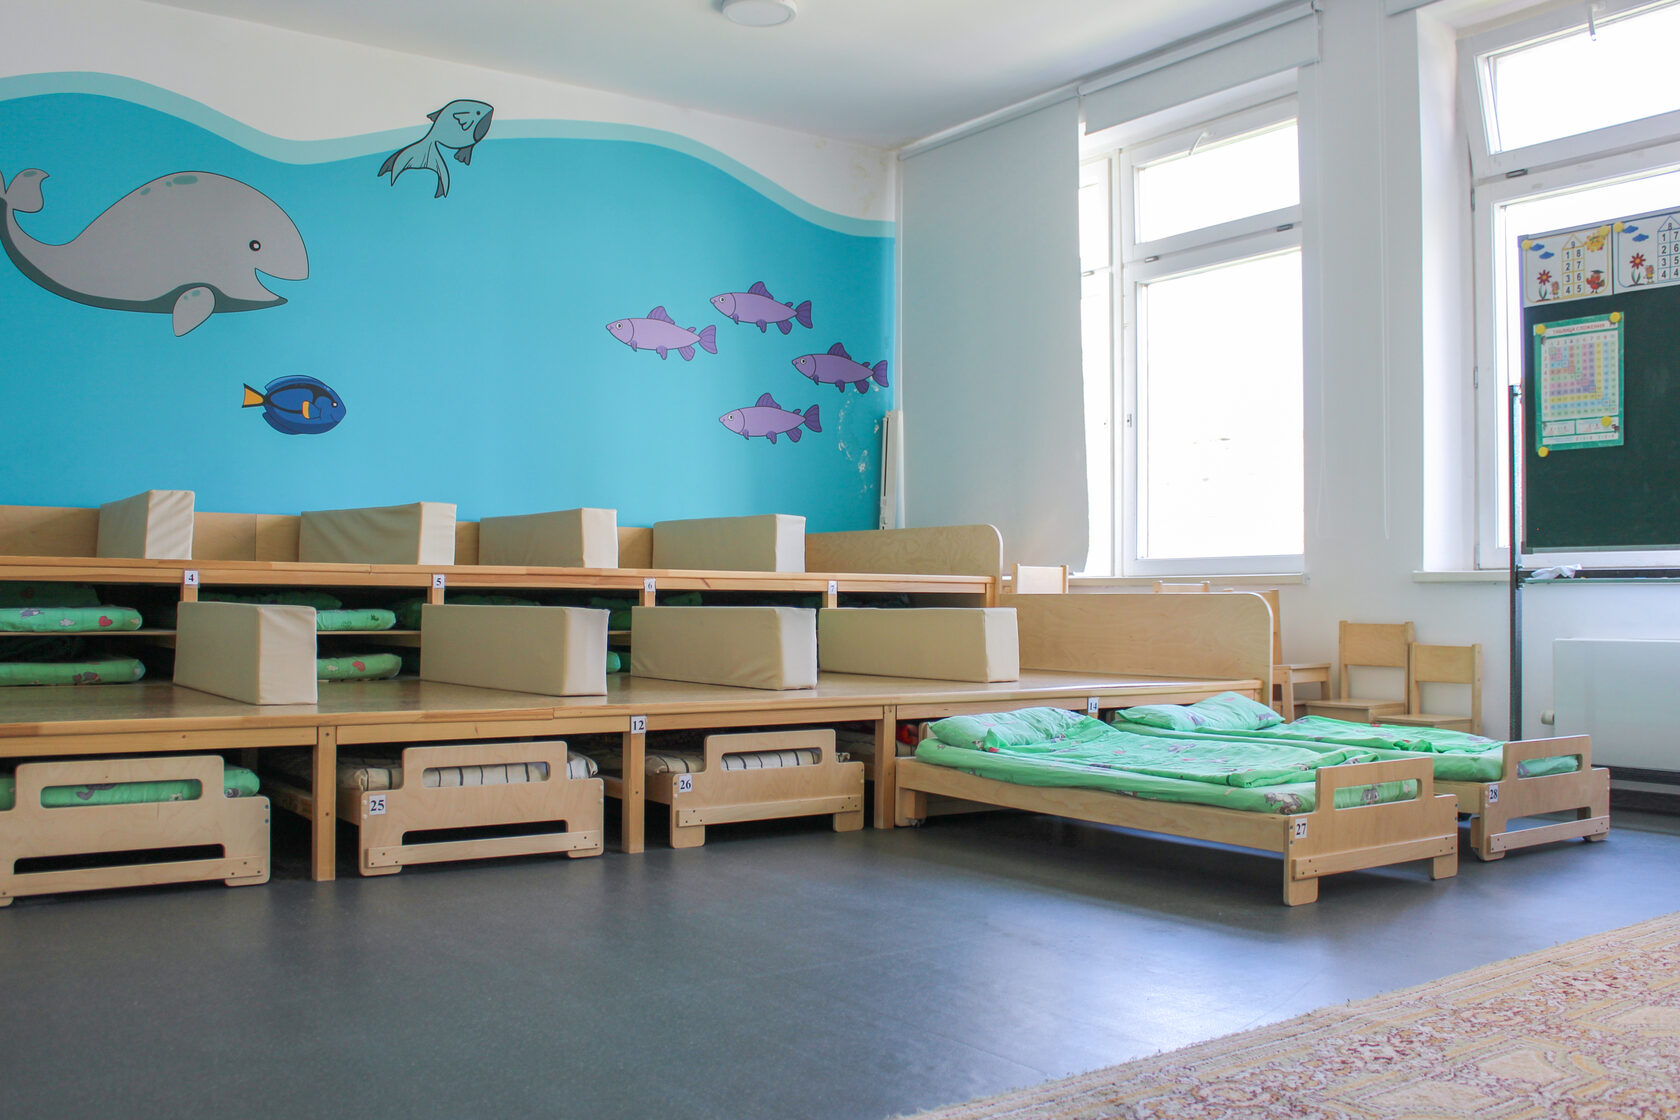 дм лидер мебель для детского сада